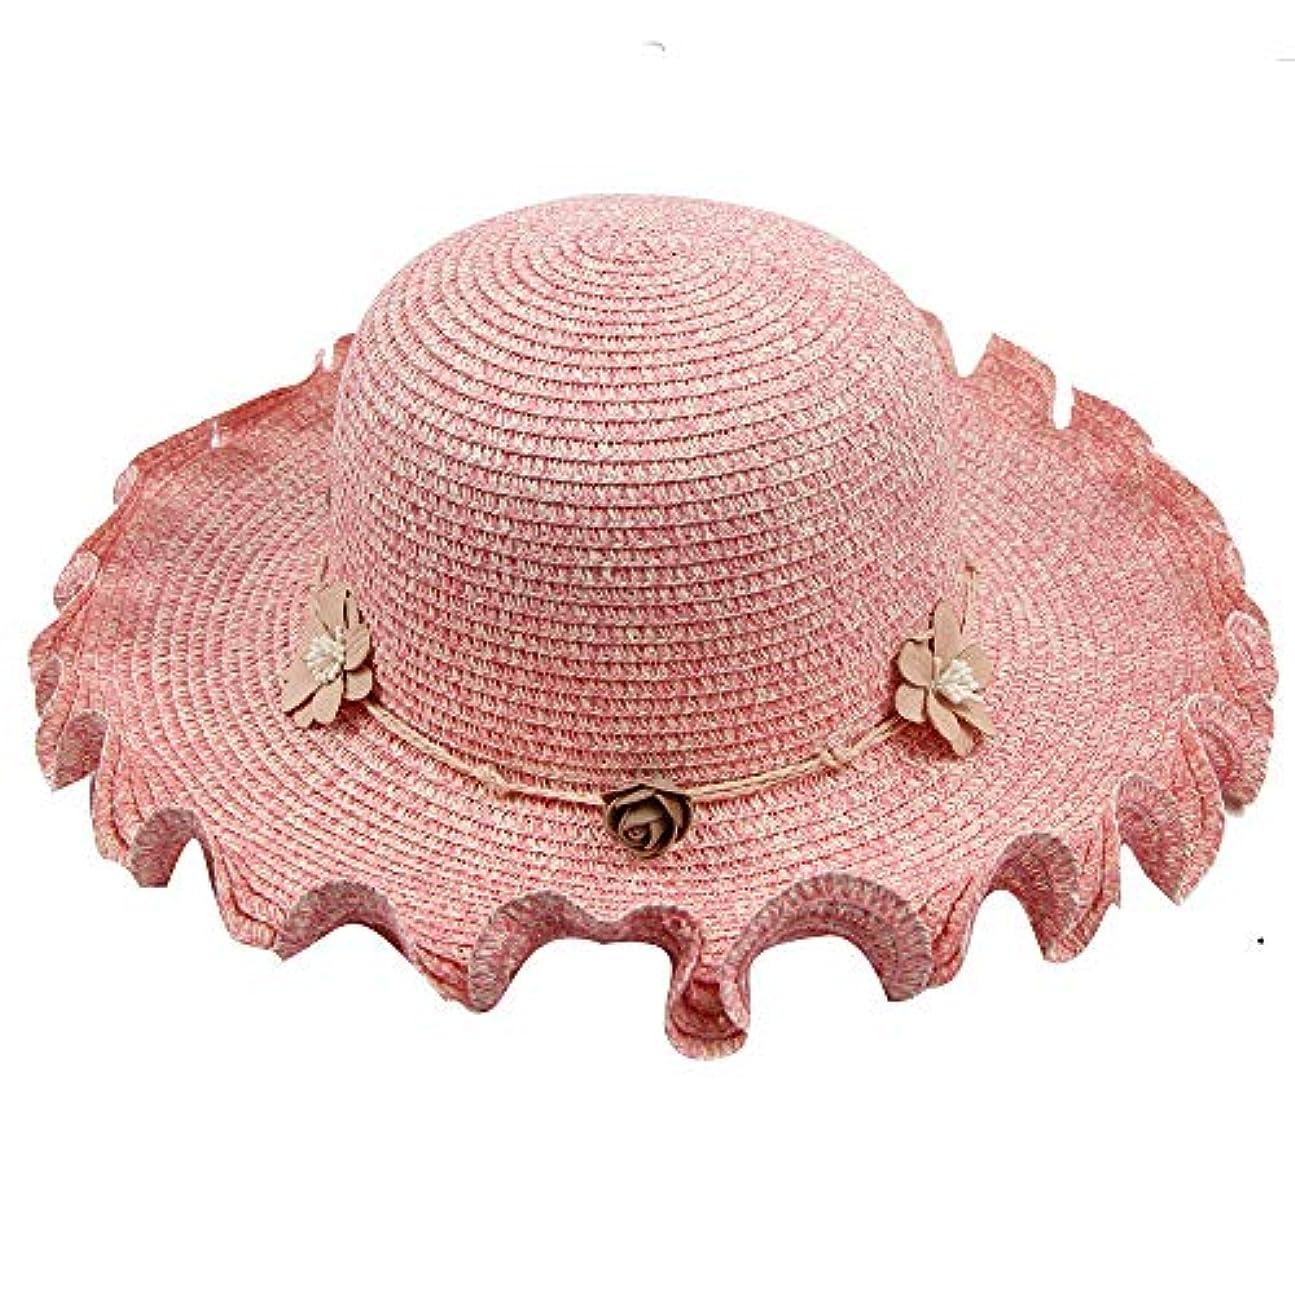 シンプルさそれぞれ満足帽子 ROSE ROMAN ハット レディース 帽子 サイズ調整 テープ 夏 ビーチ 必須 UVカット 帽子 日焼け防止 紫外線対策 ニット帽 ビーチ レディース ハンチング帽 発送 春夏 ベレー帽 帽子 レディース ブリーズフレンチハット